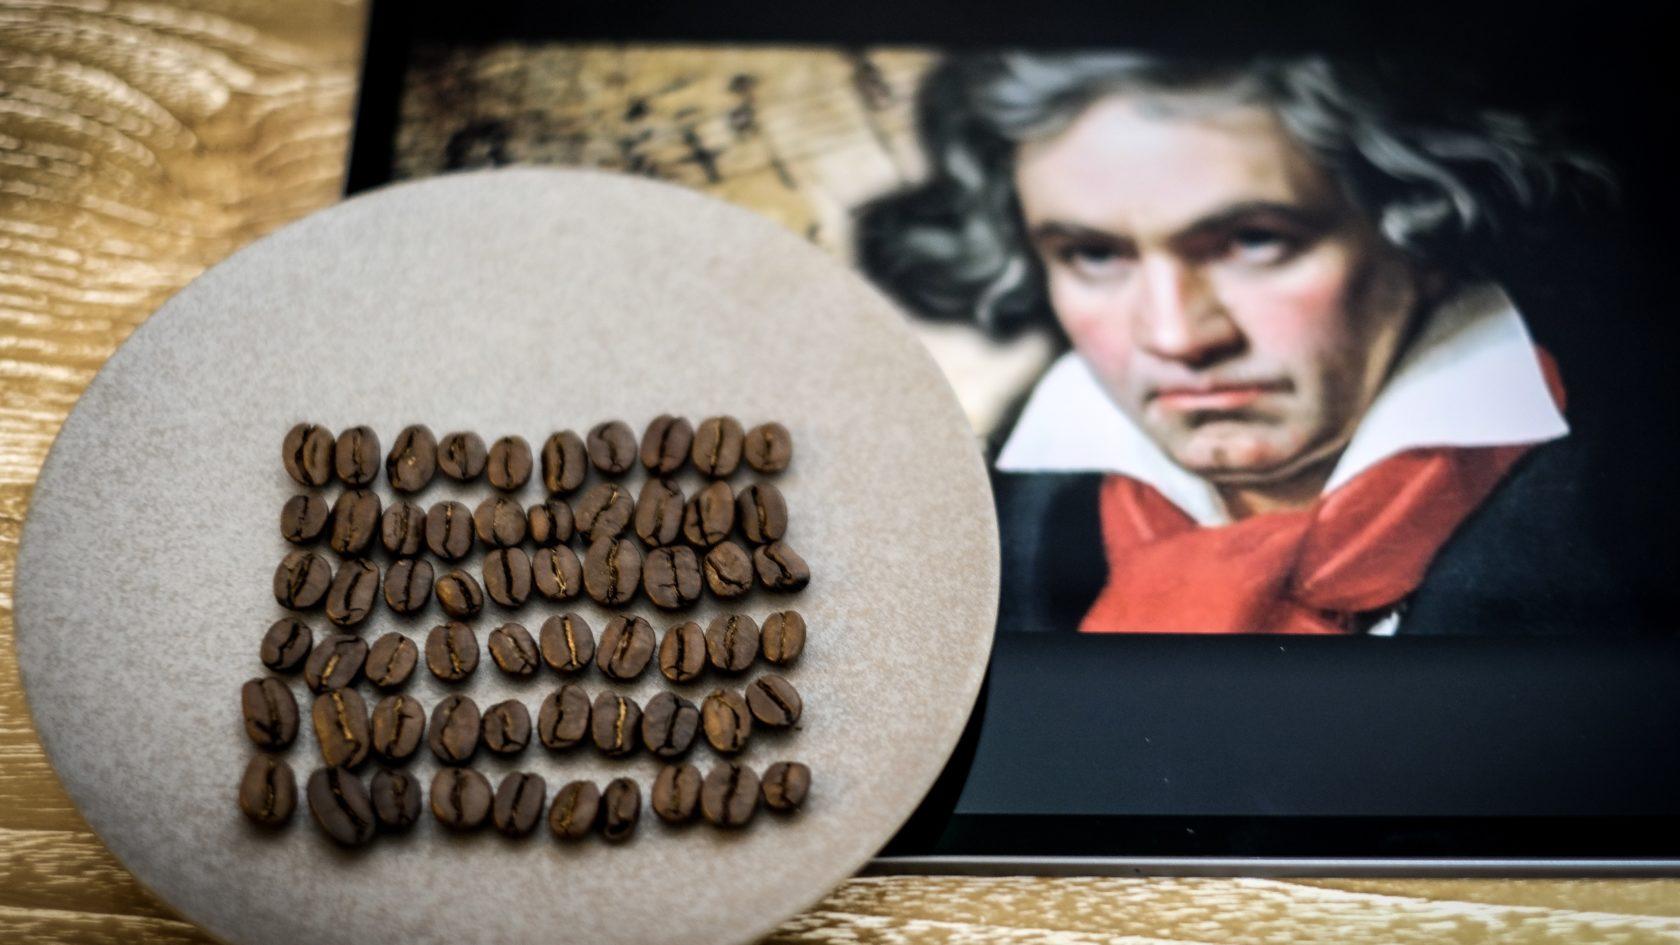 acaiaも真っ青?ベートーベンが使用していたコーヒースケールが秀逸だった話